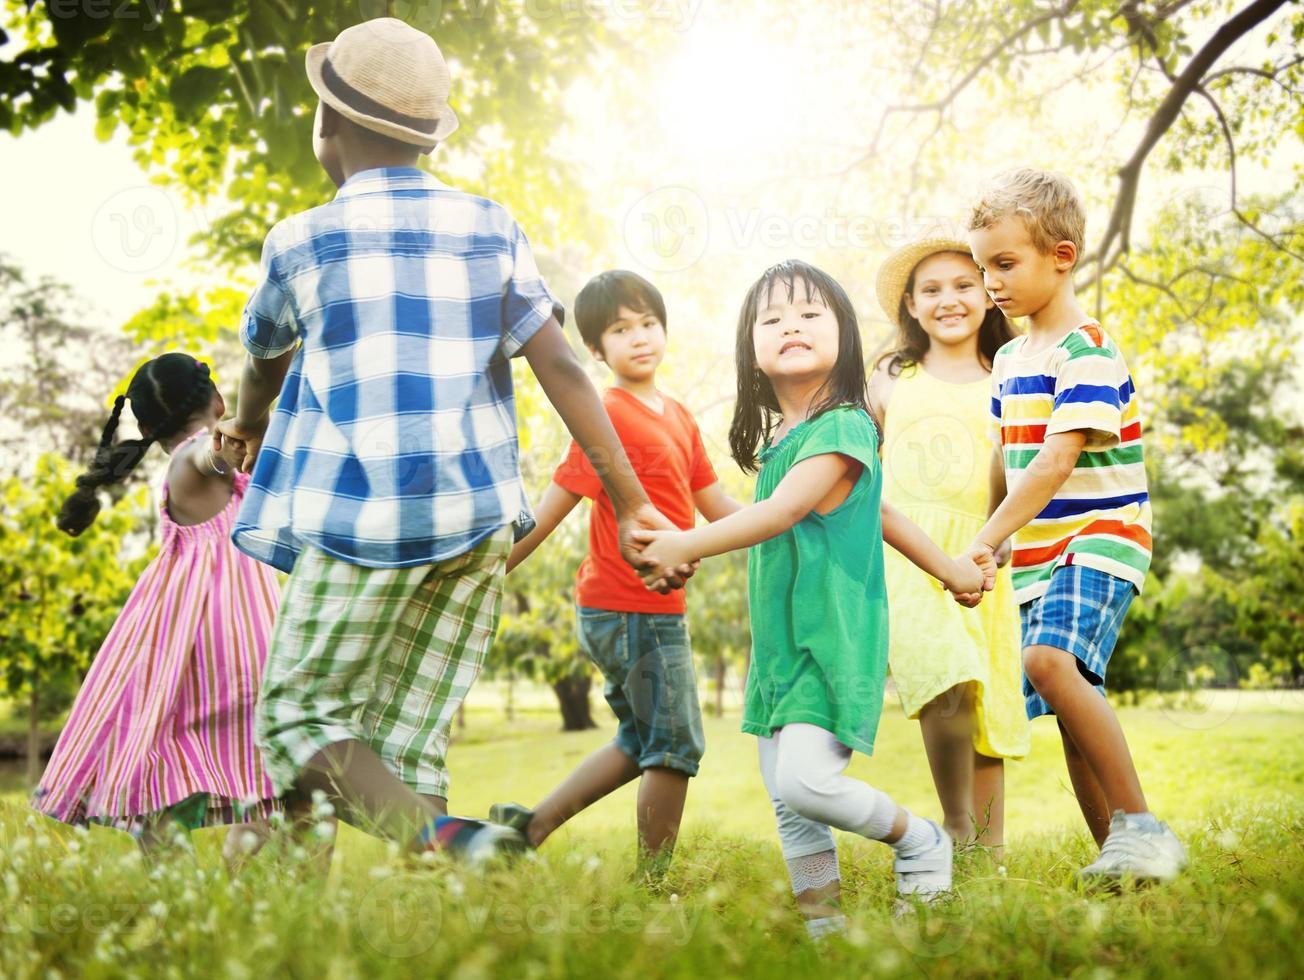 concetto di felicità del gioco di unità di amicizia dei bambini foto